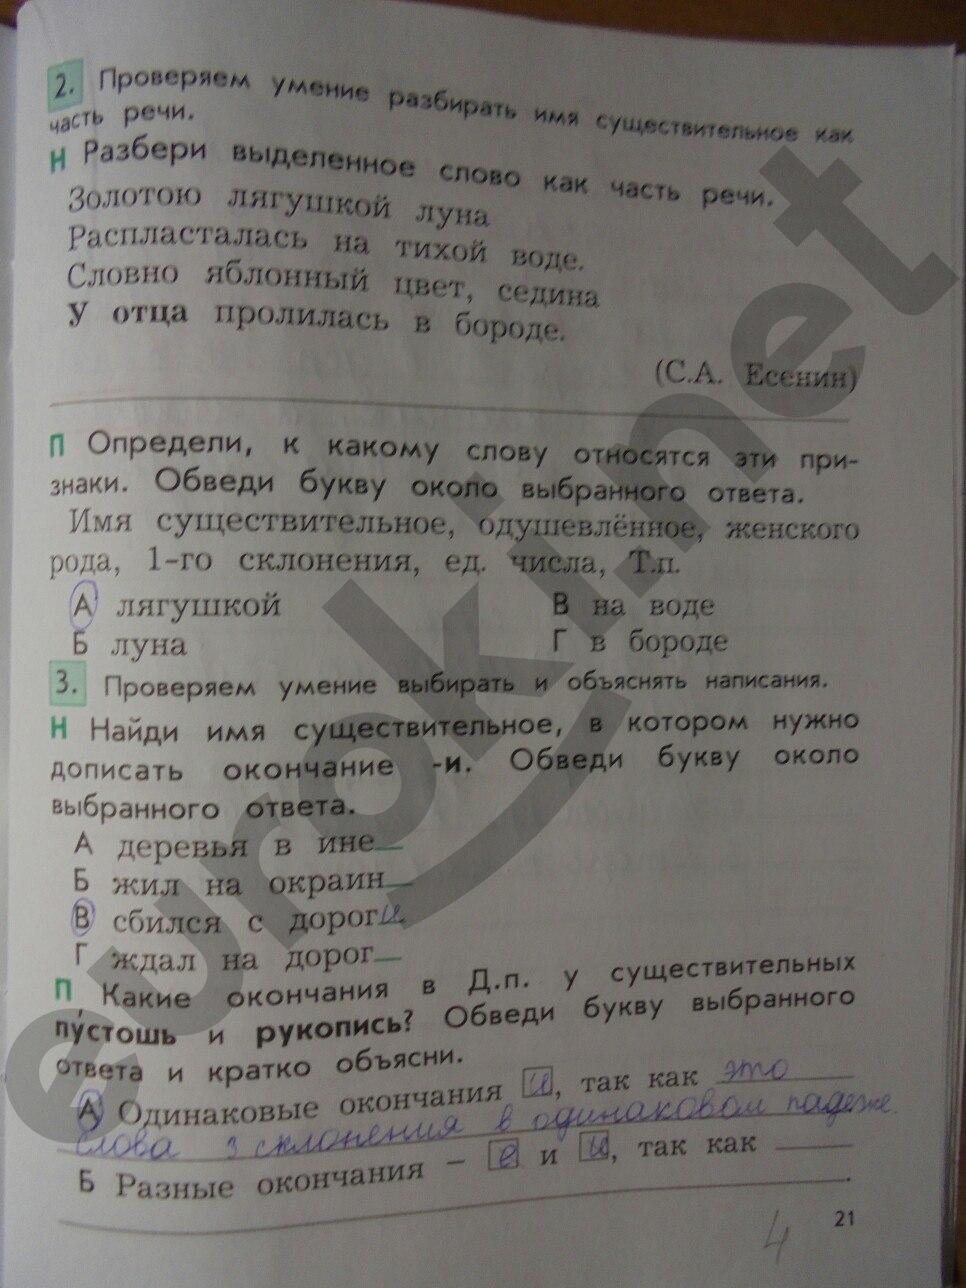 гдз на проверочные и контрольные работы по русскому языку 4 класс максимова